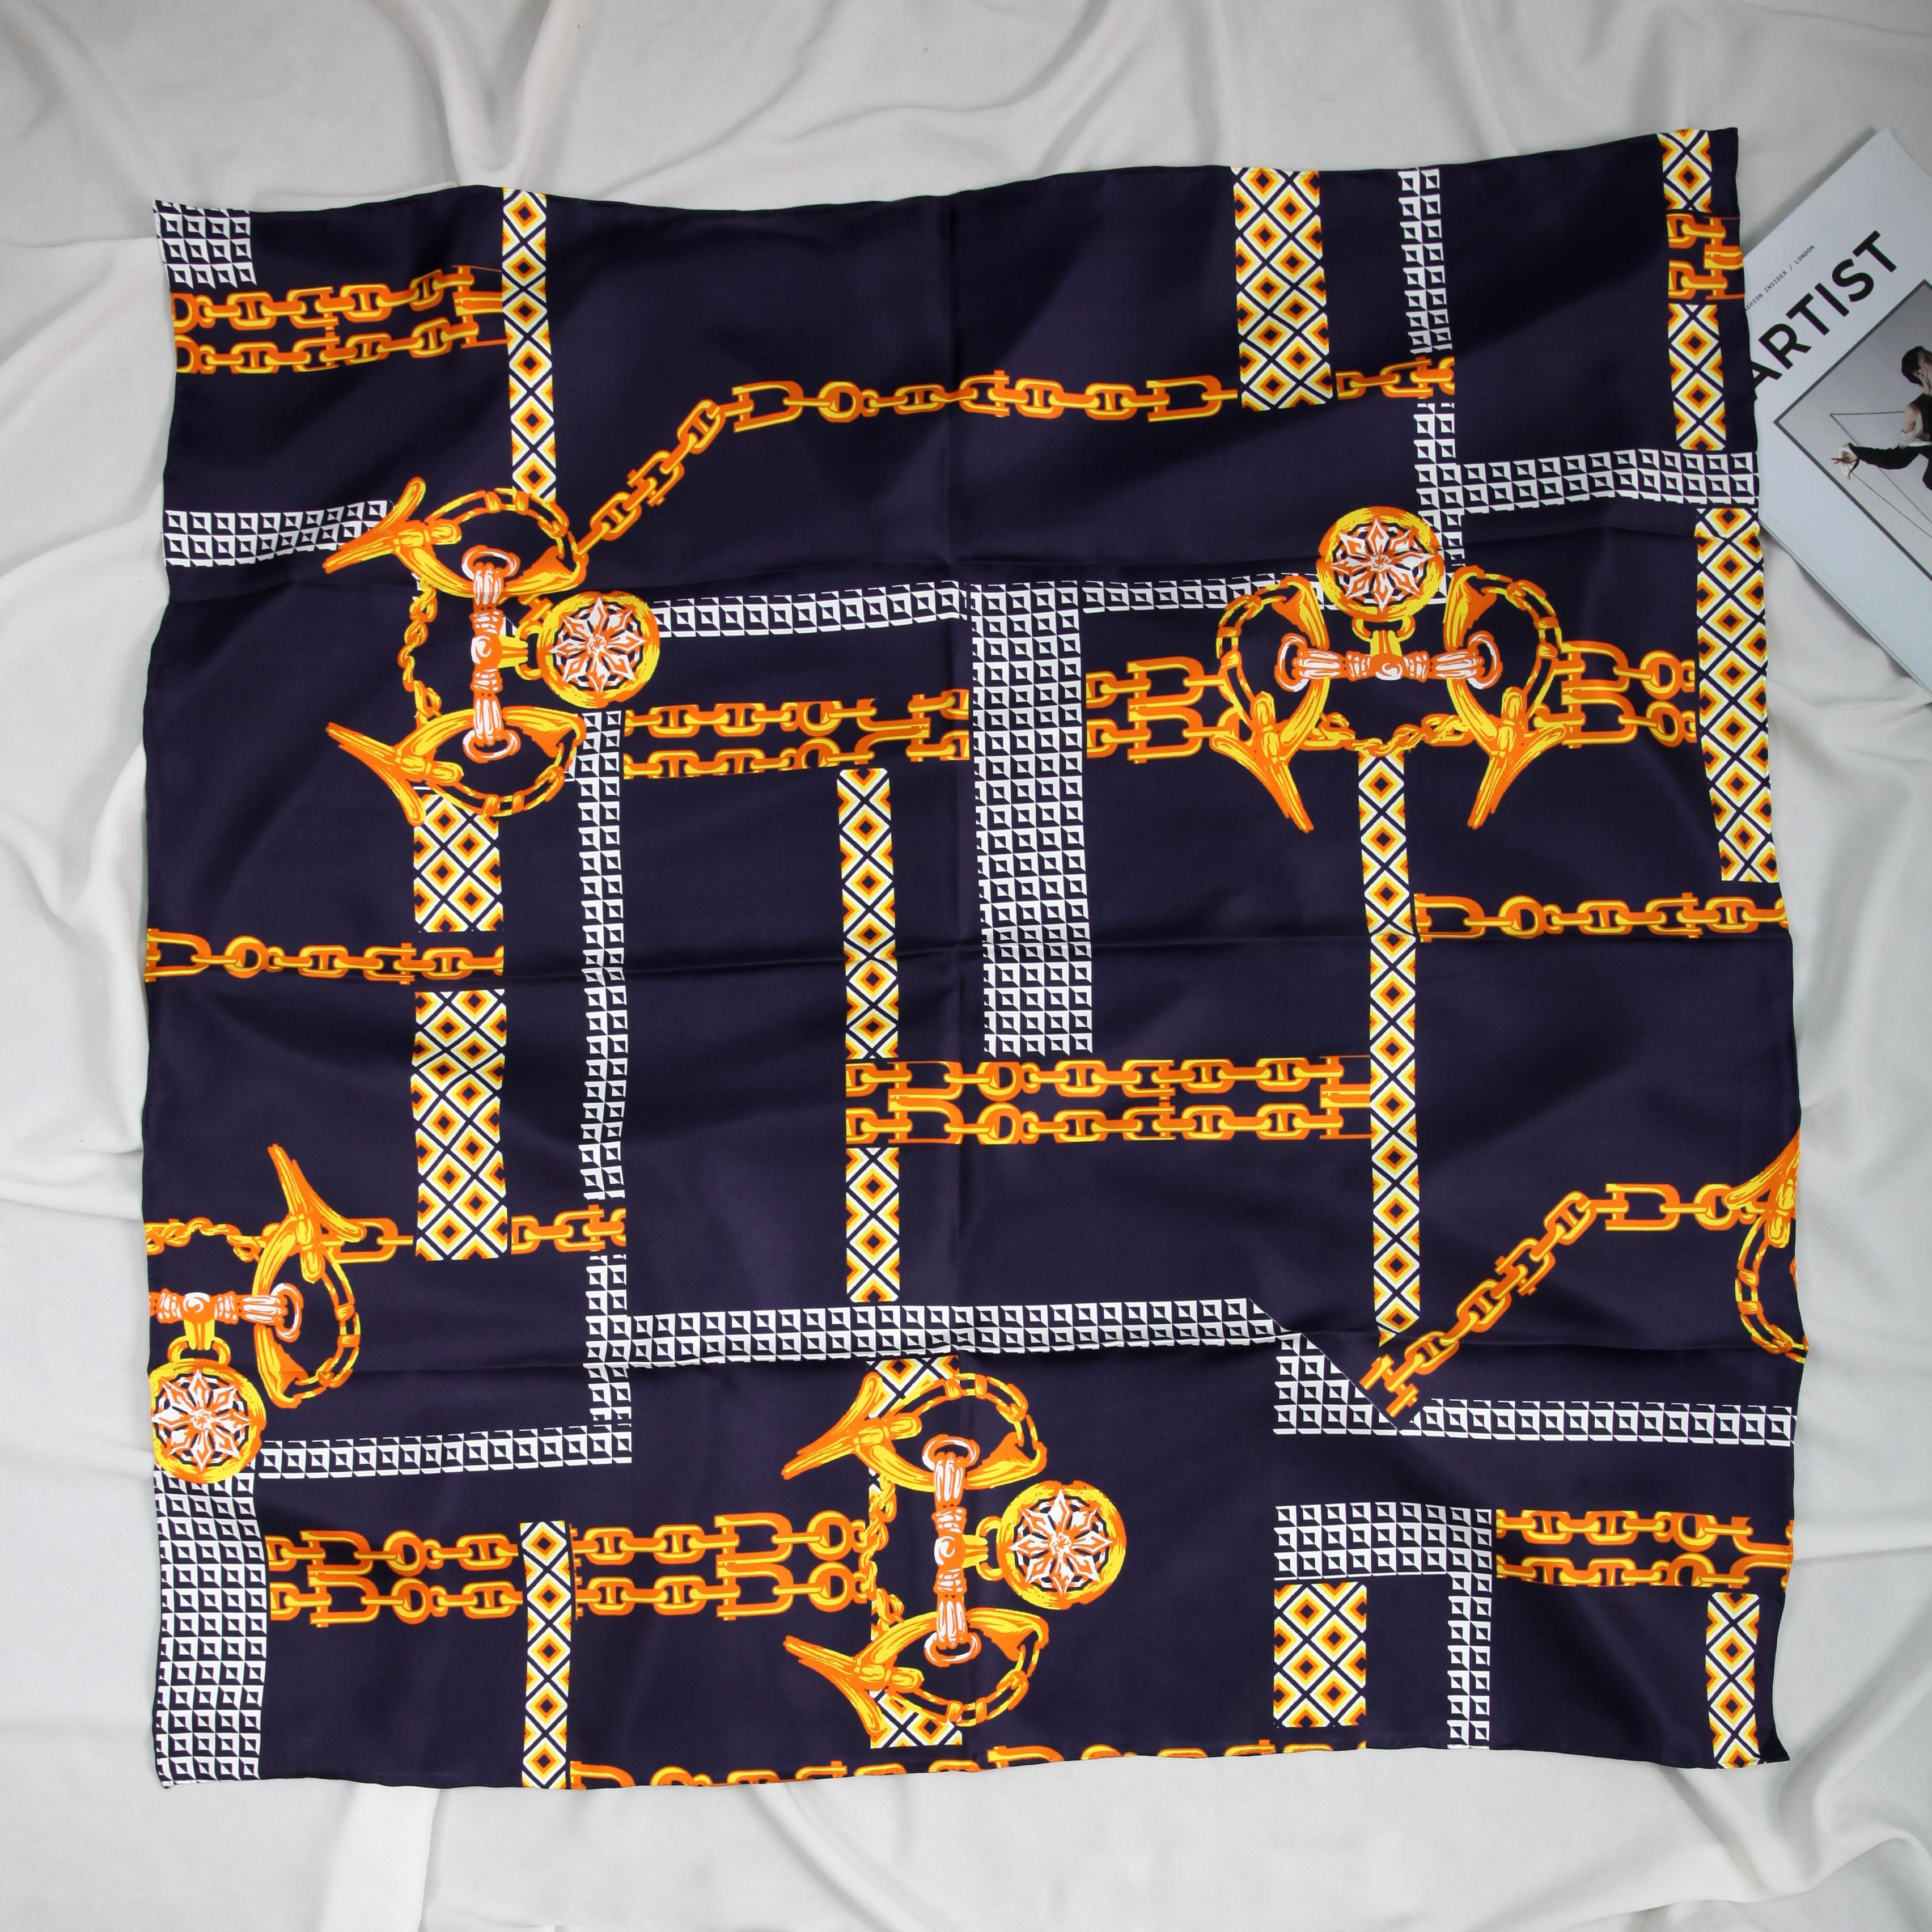 ELEGANT HANDMADE BRAND 100% 14mmTwill Silk Scarf TWIC-200146A